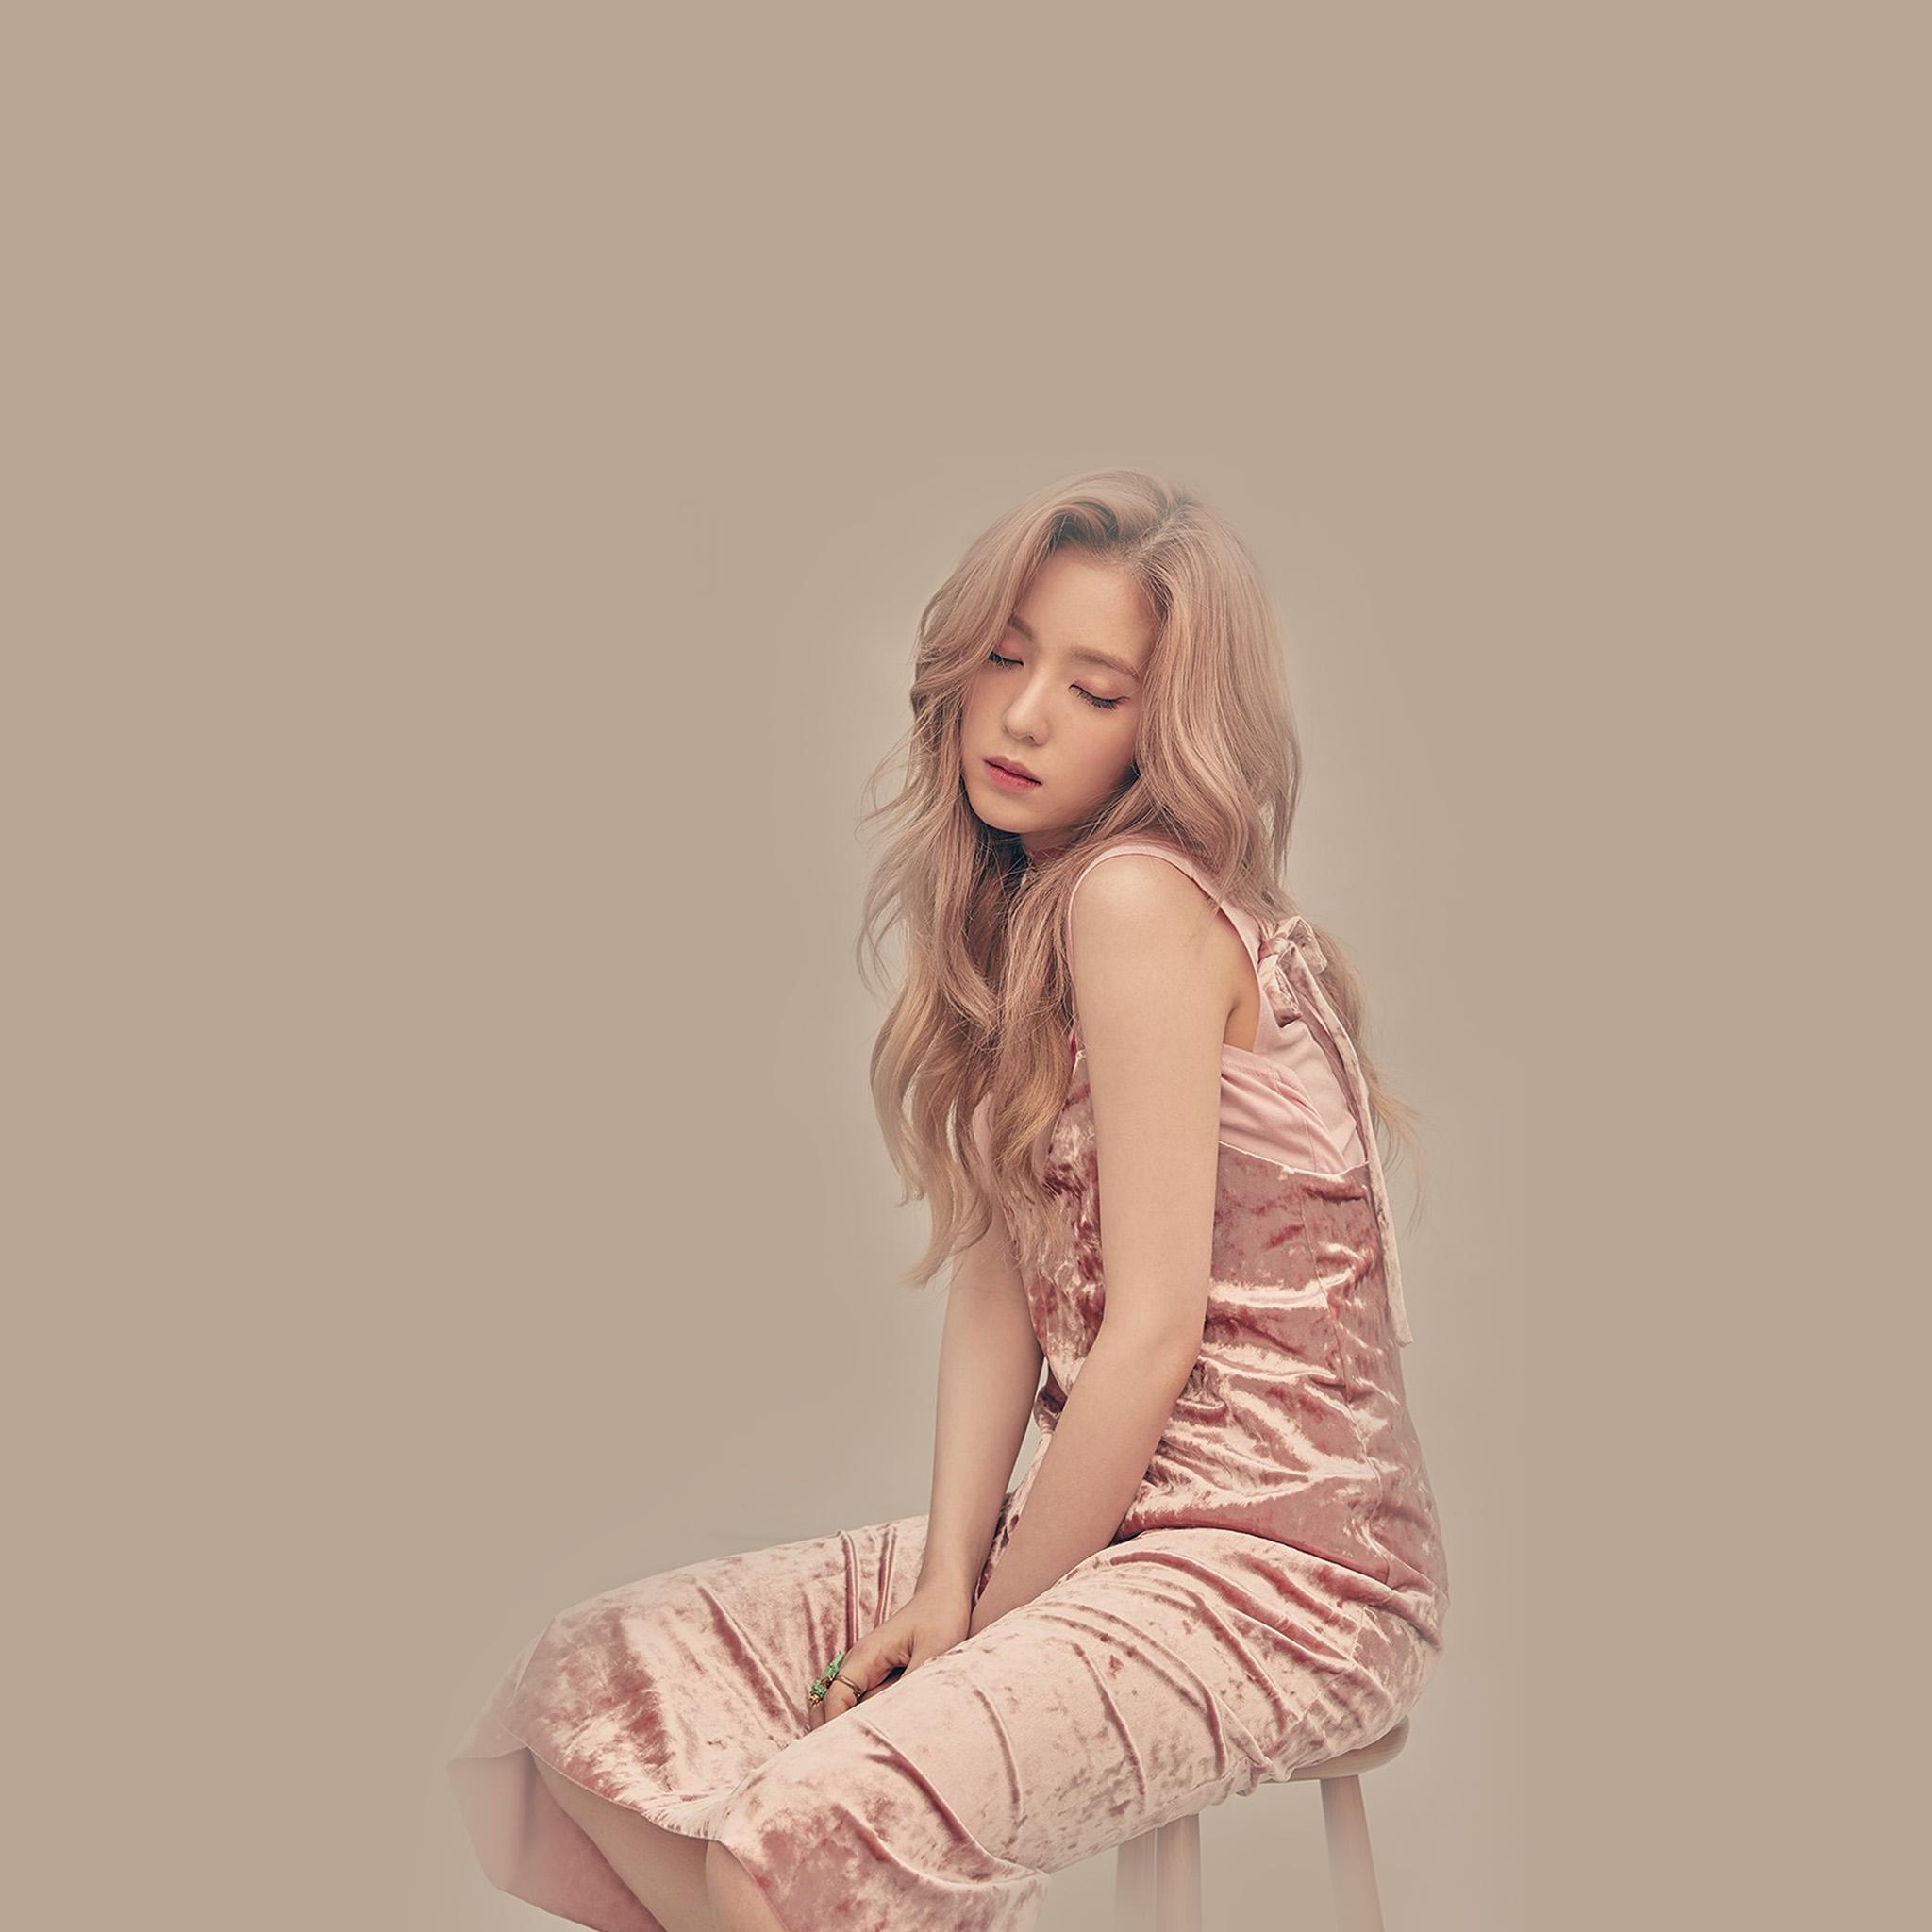 Kpop Girl Wallpaper Laptop Hk47 Irene Kpop Redvelvet Pink Girl Wallpaper